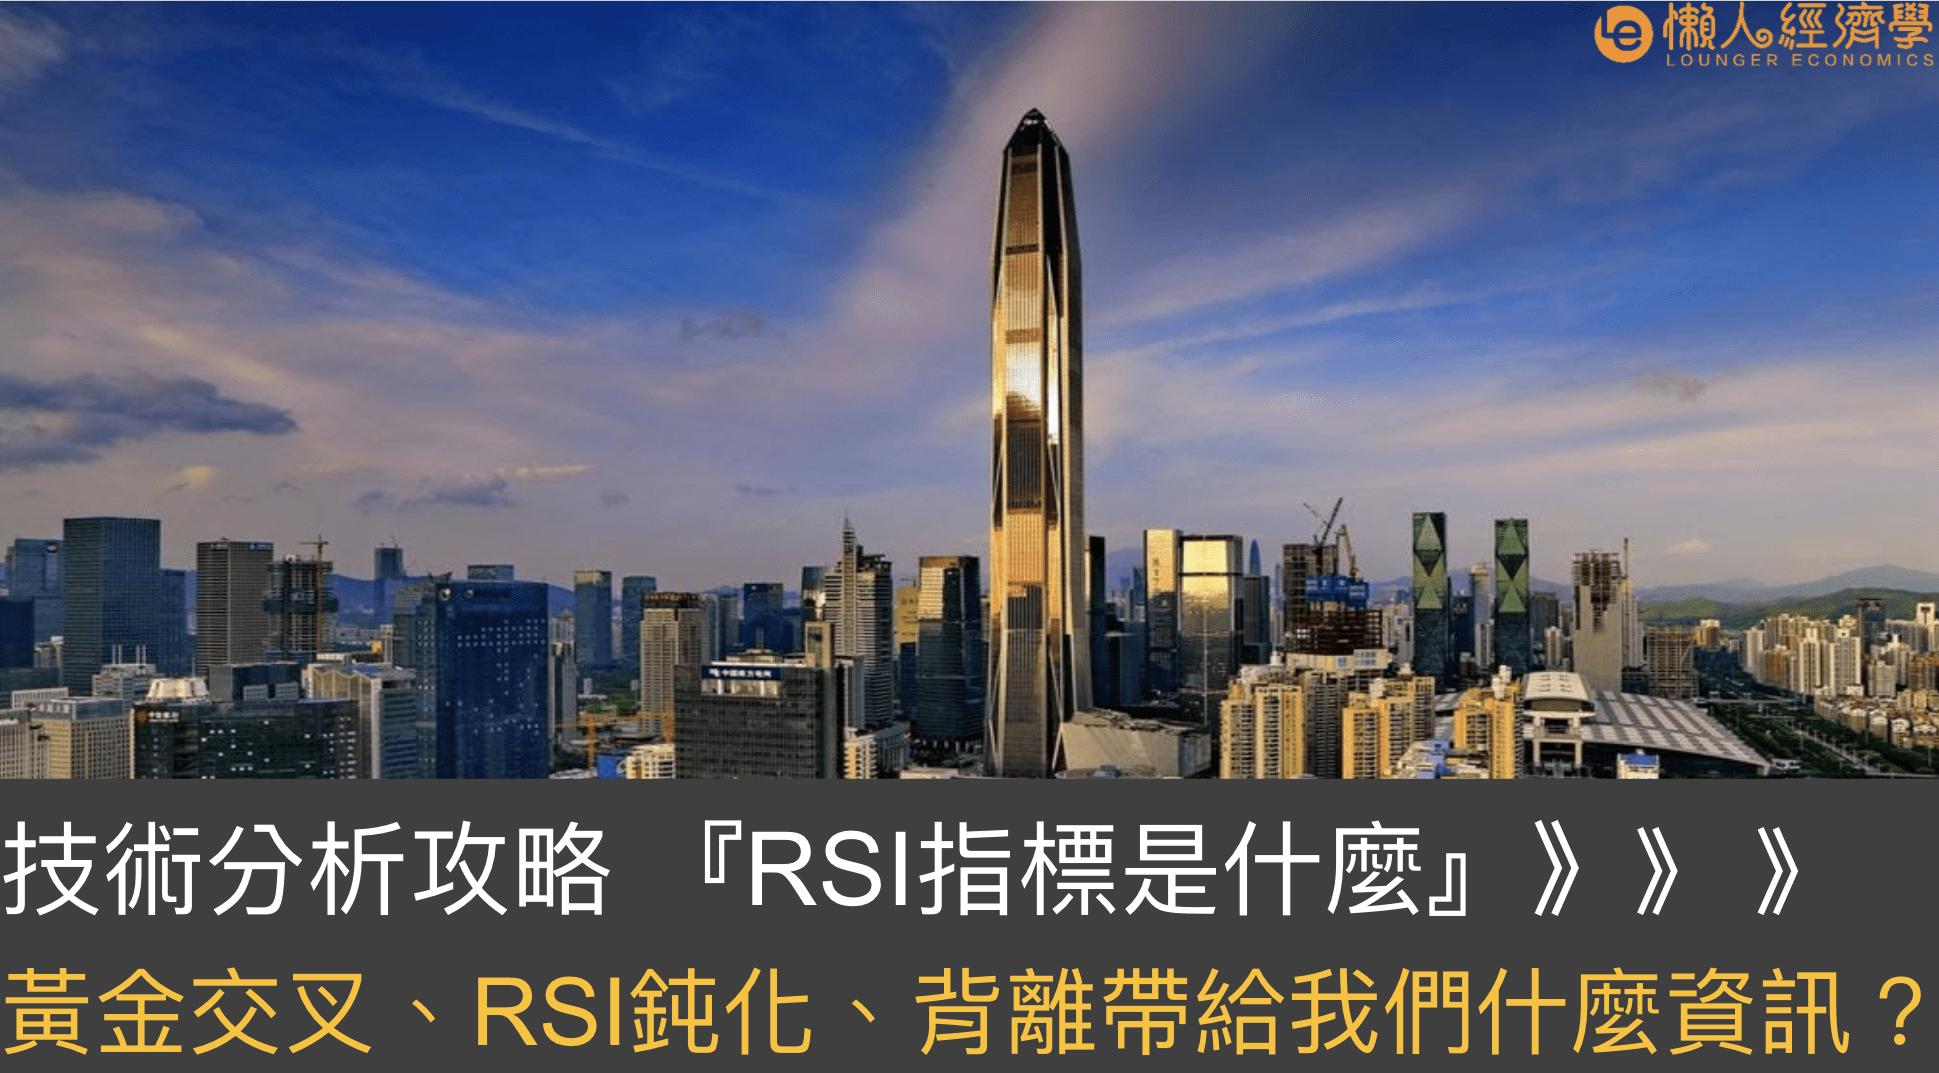 RSI指標是什麼